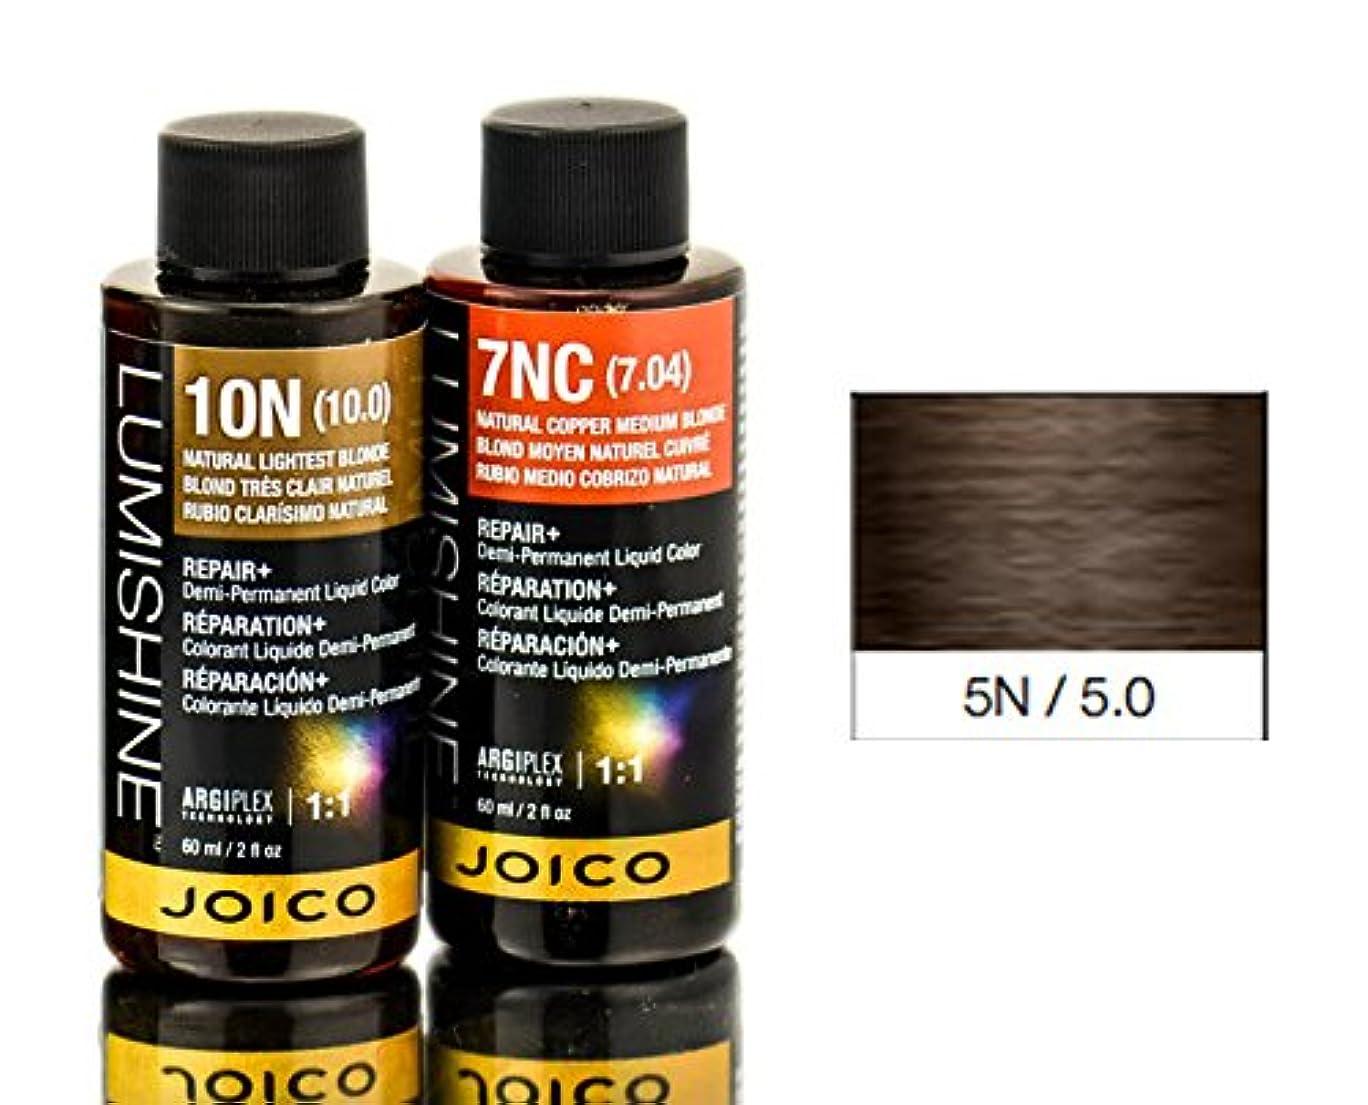 ドラマ偏見絶対のJoico Lumishineデミパーマネント液体色、ナチュラルライトブラウン5N / 5.0、 2オンス